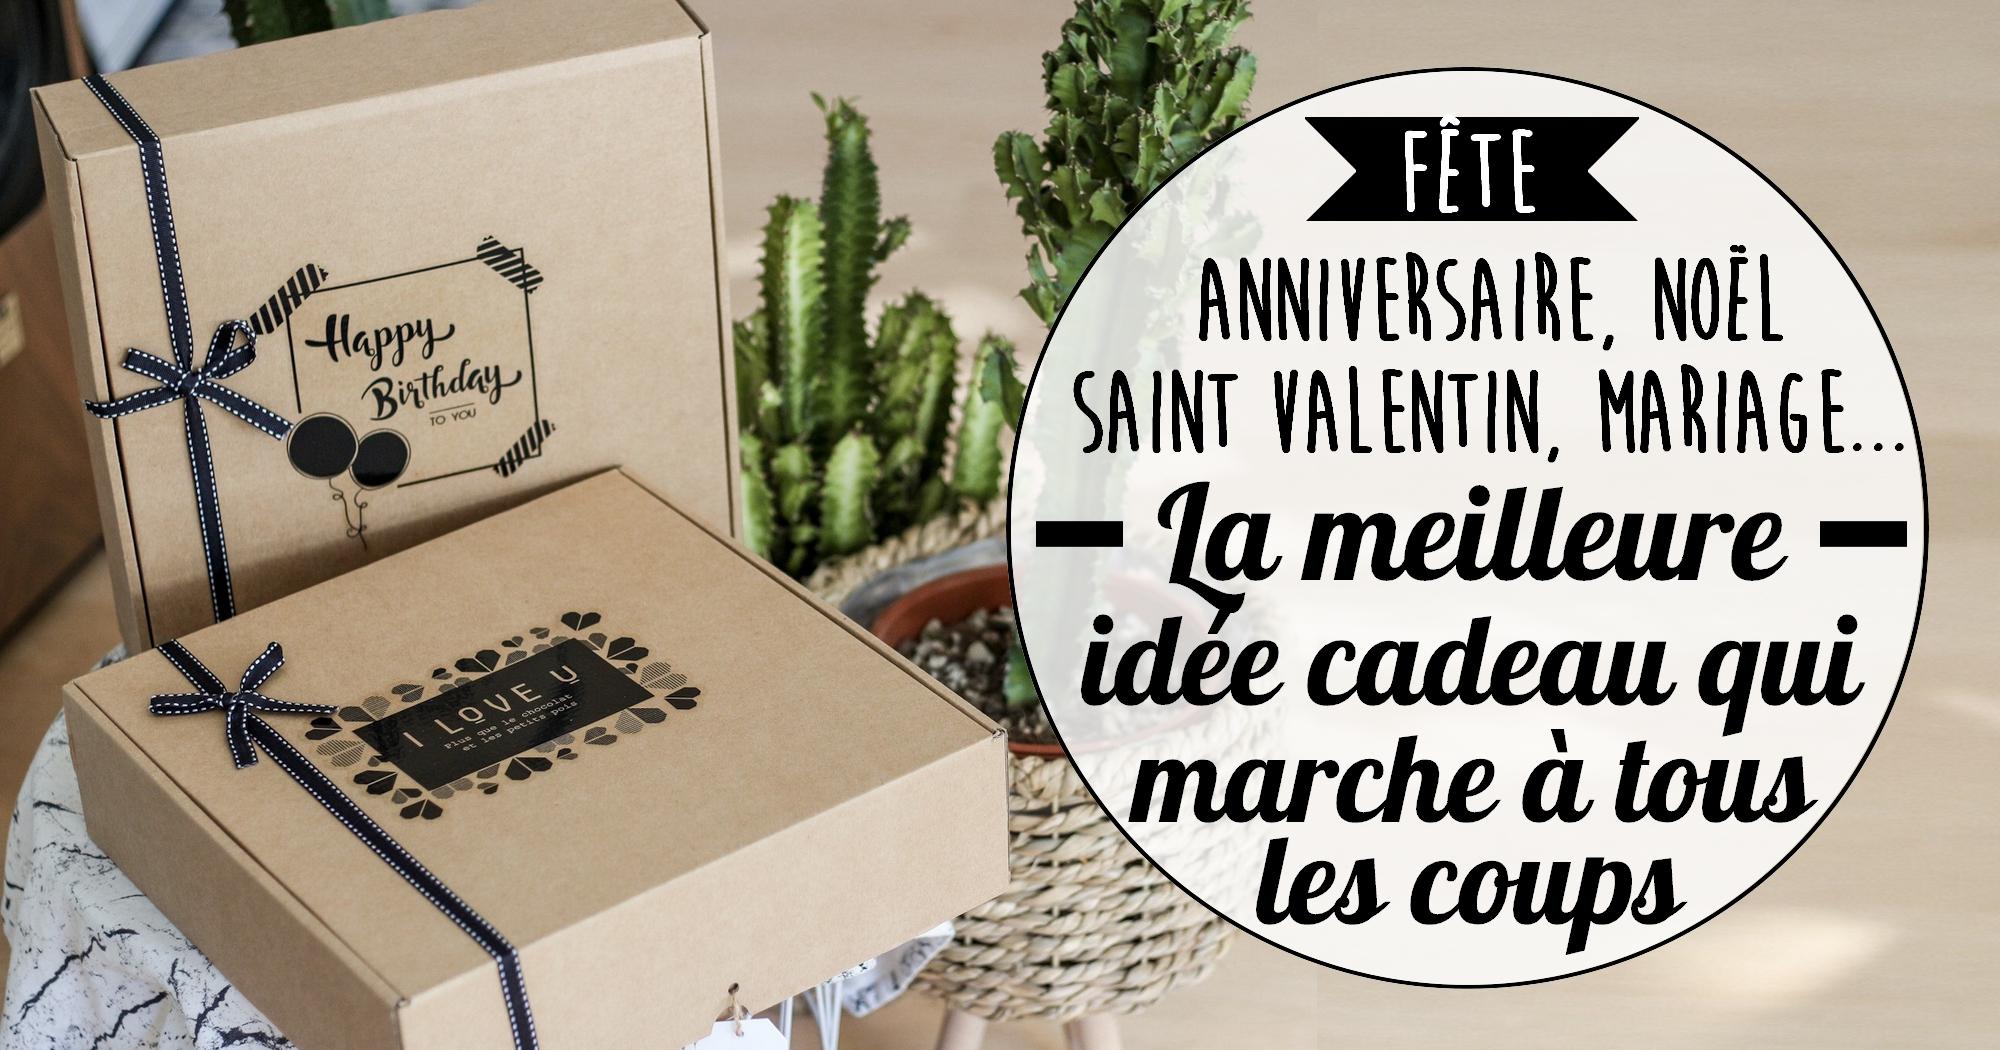 Anniversaire, Saint Valentin, Mariage, Noël : la meilleure idée cadeau qui marche à tous les coups !